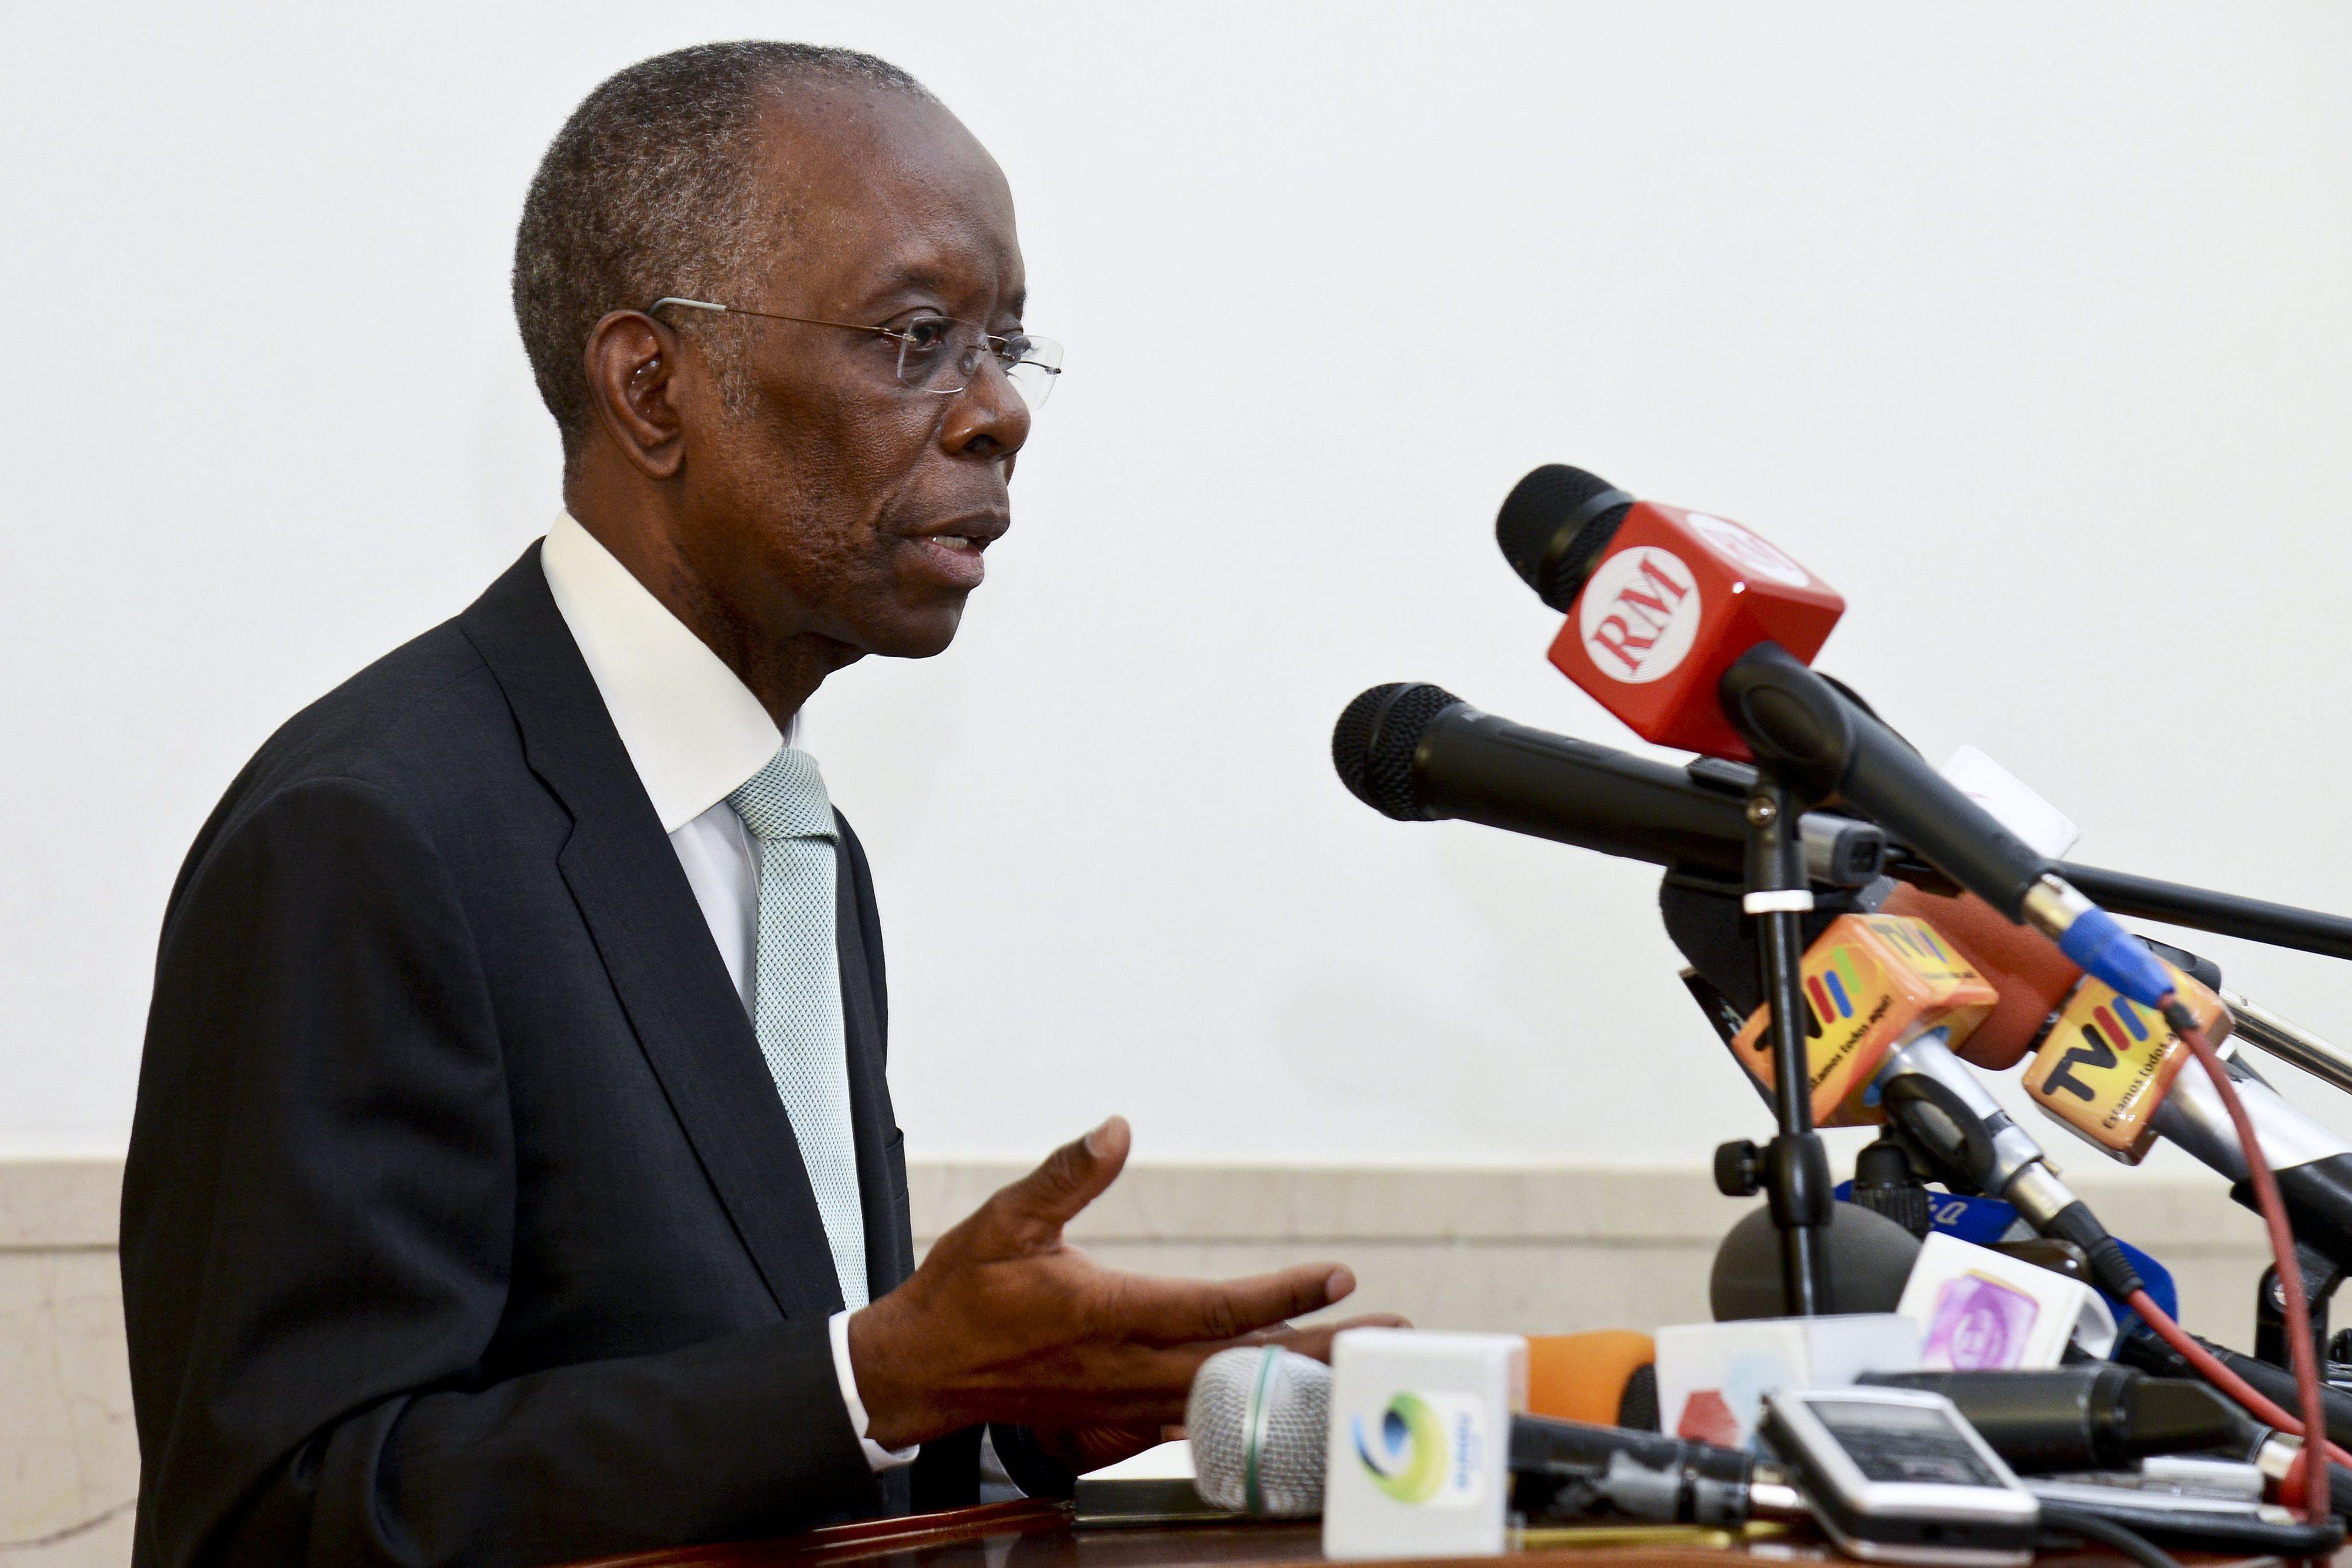 Governo moçambicano quer criar fundo soberano com as mais-valias dos recursos naturais